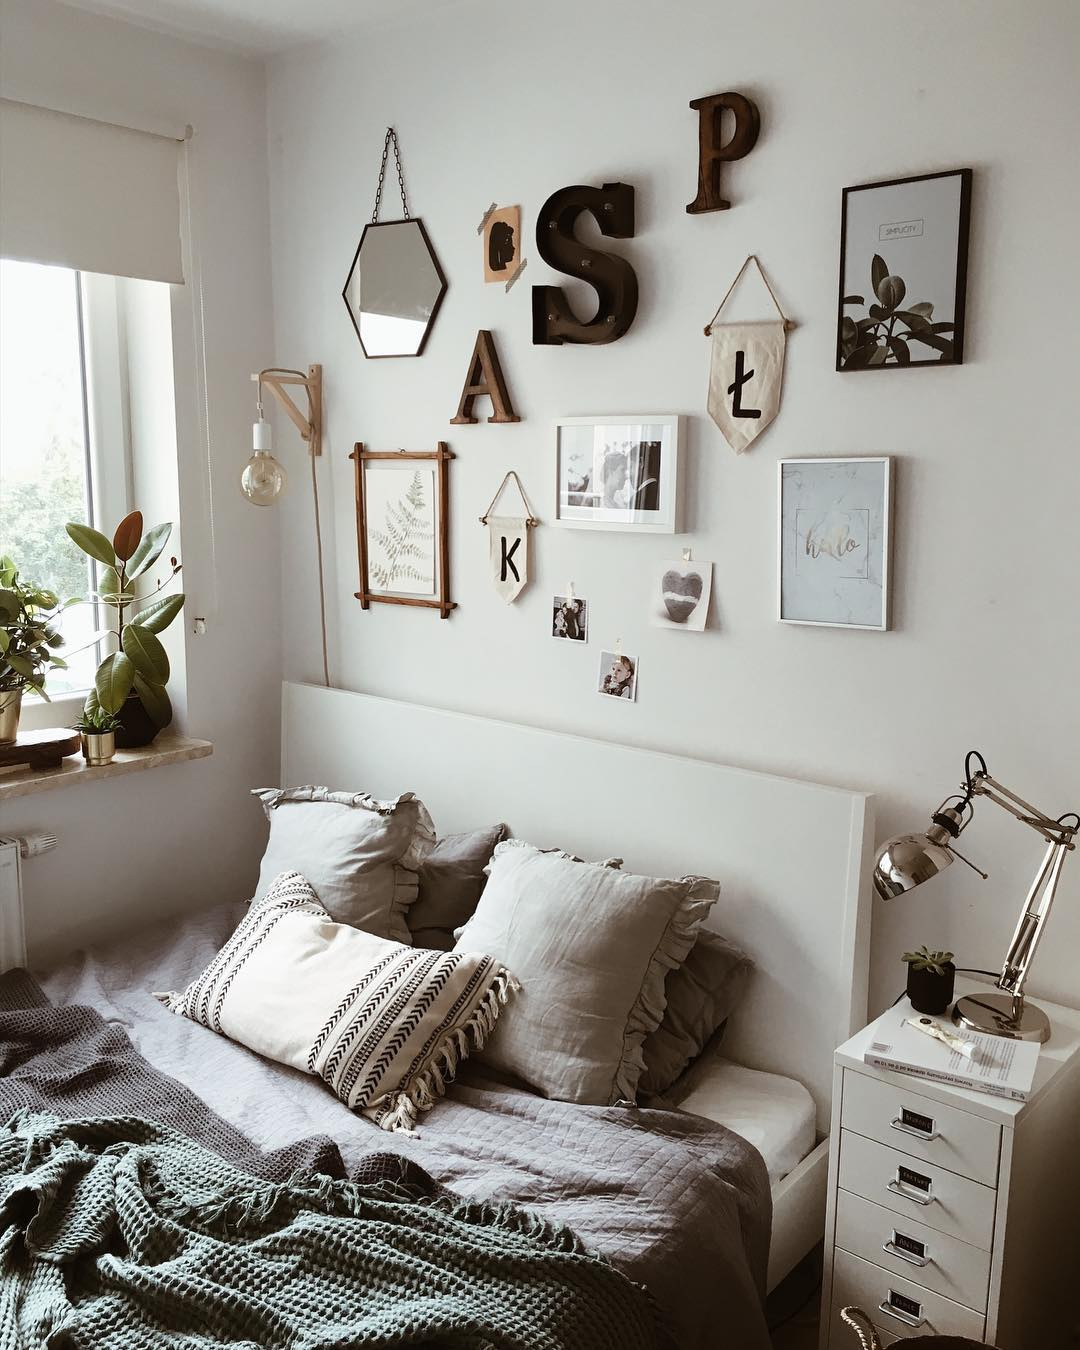 Как правильно организовать пространство во всей квартире и забыть о беспорядке-Фото 5